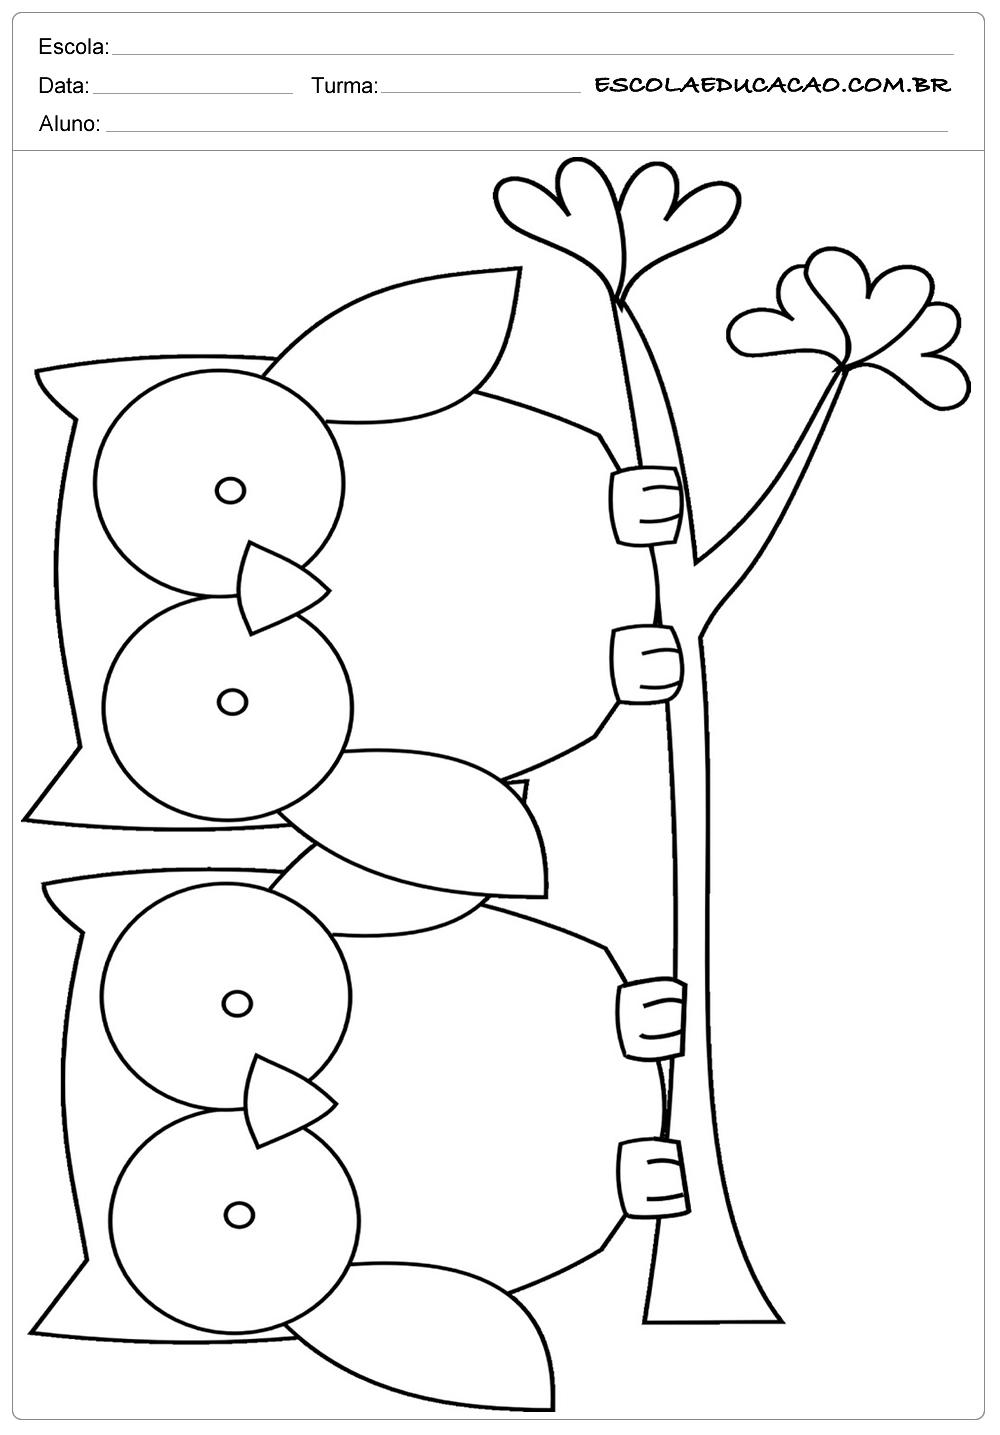 Moldes de Corujas – 2 Corujas